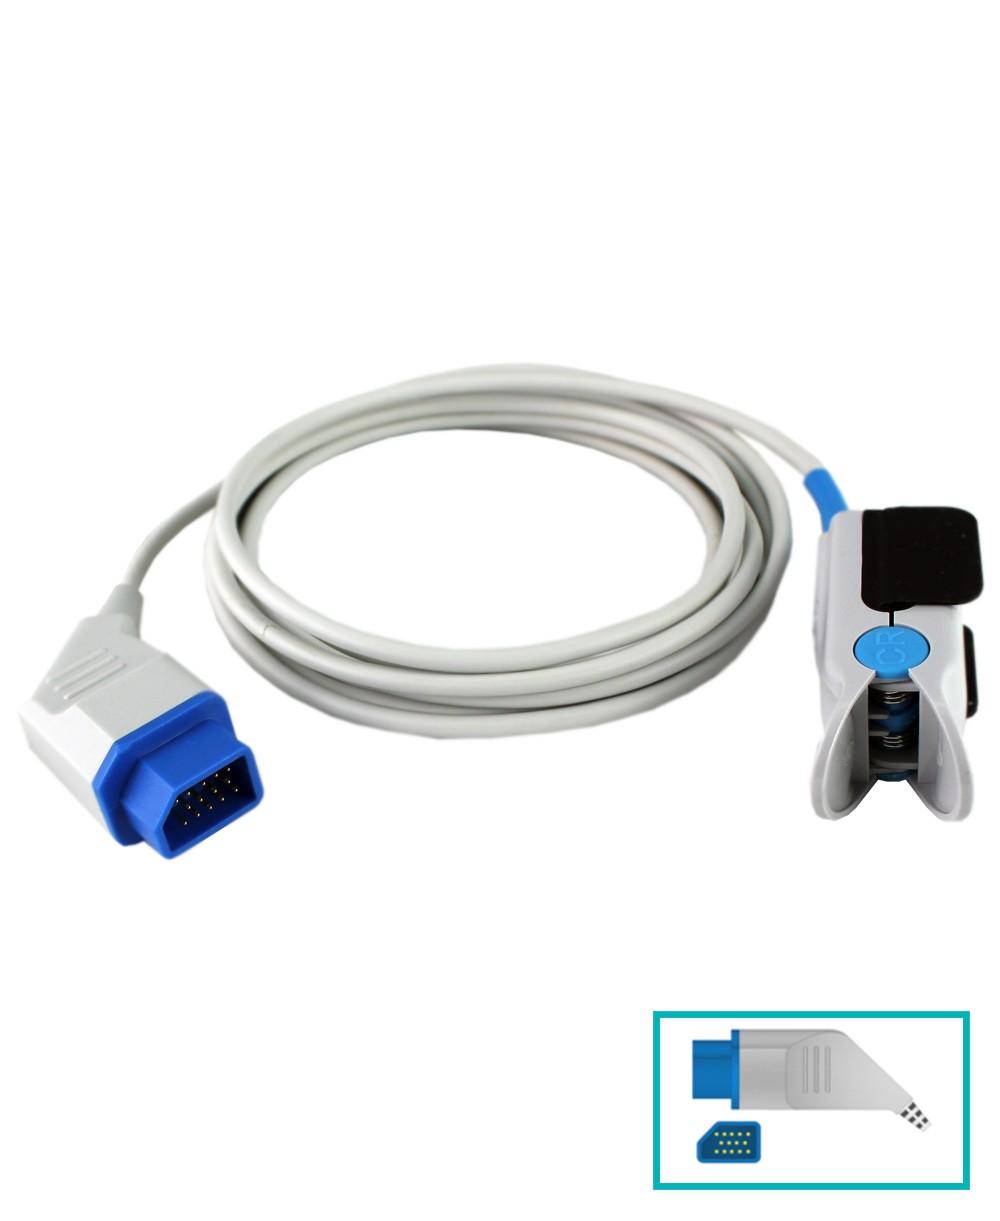 Sensore Spo2 Adulti Compatibile Nihon Kohden